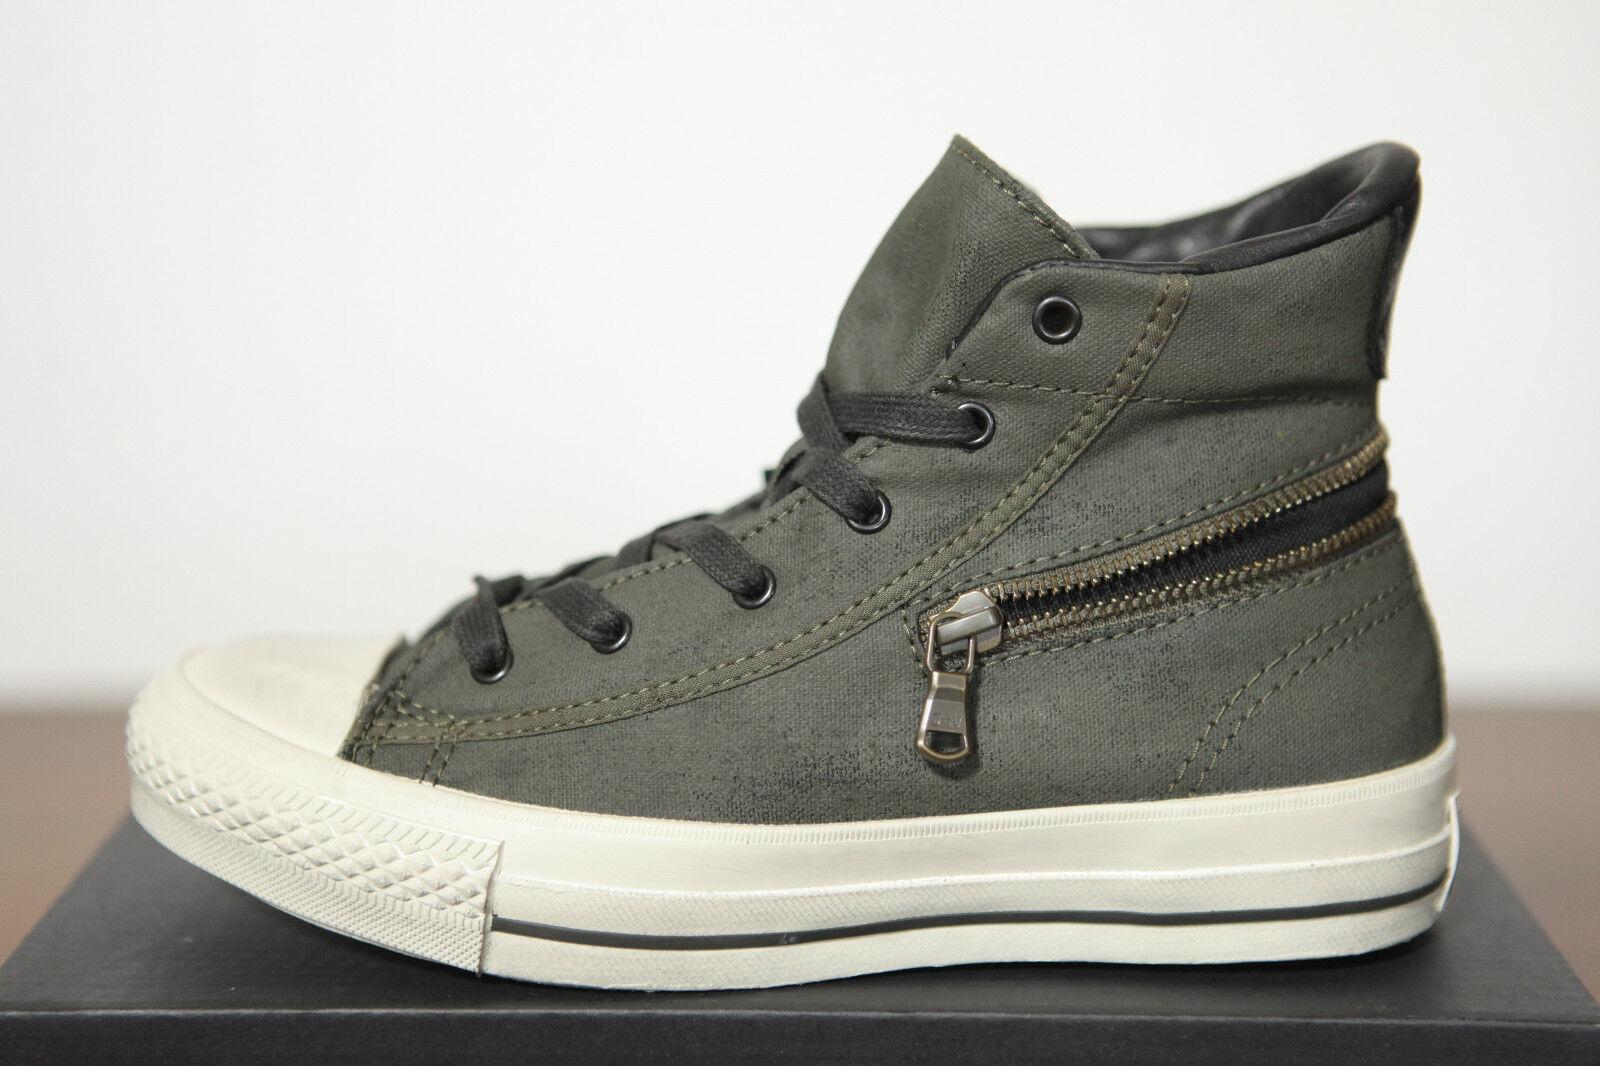 NUOVO All Star Converse Chucks John Varvatos HI 142980c Sneaker Tg. 46  Scarpe classiche da uomo